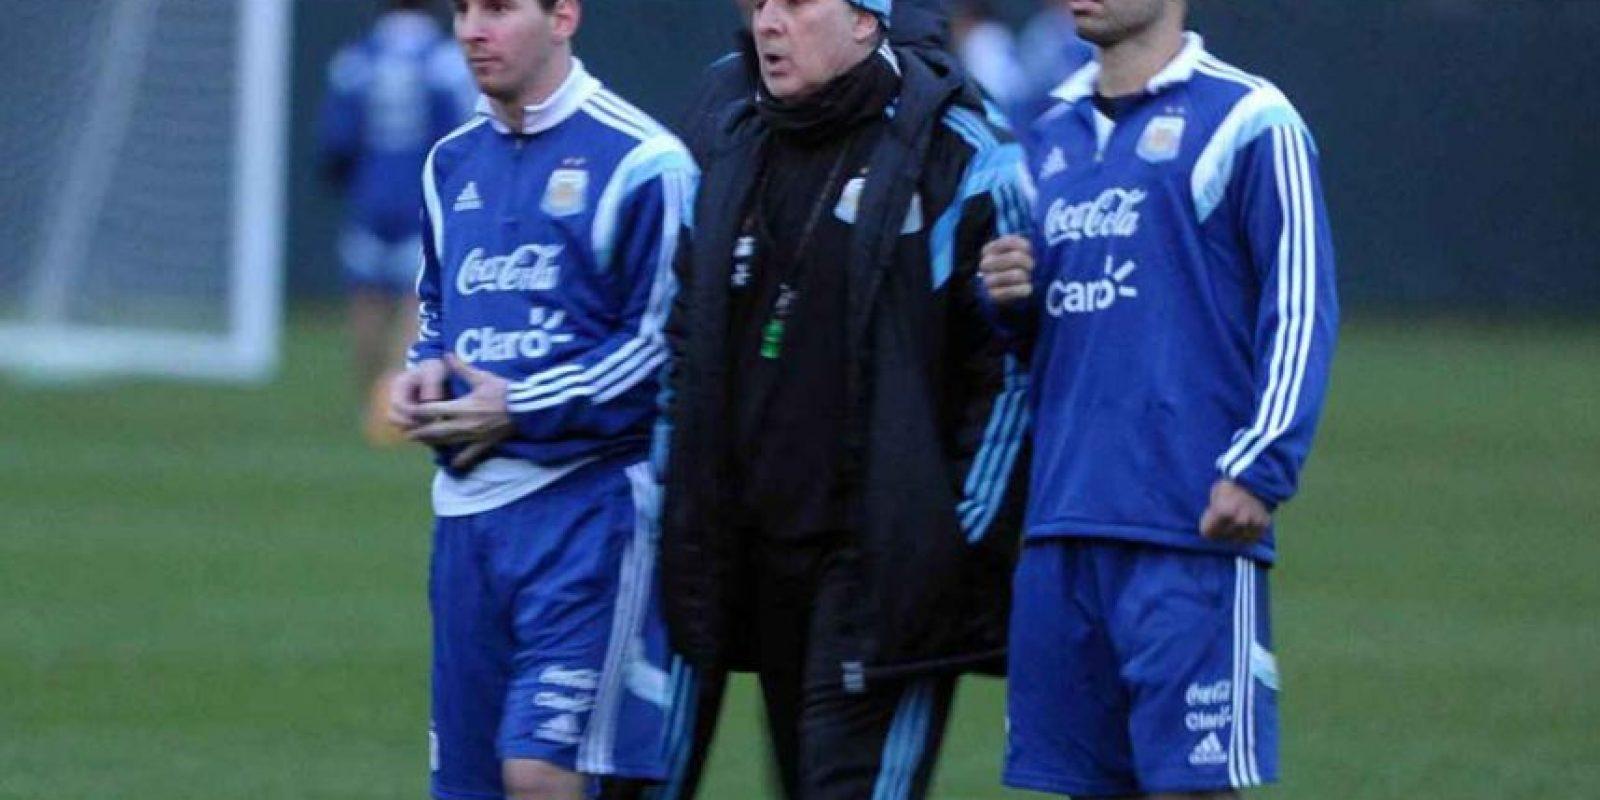 ¿Quién será el máximo goleador? Lionel Messi se paga con 4.25 dólares por cada uno que se juega, mientras que la opción de Alexis Sánchez vale 13 dólares Foto:Vía ca2015.com